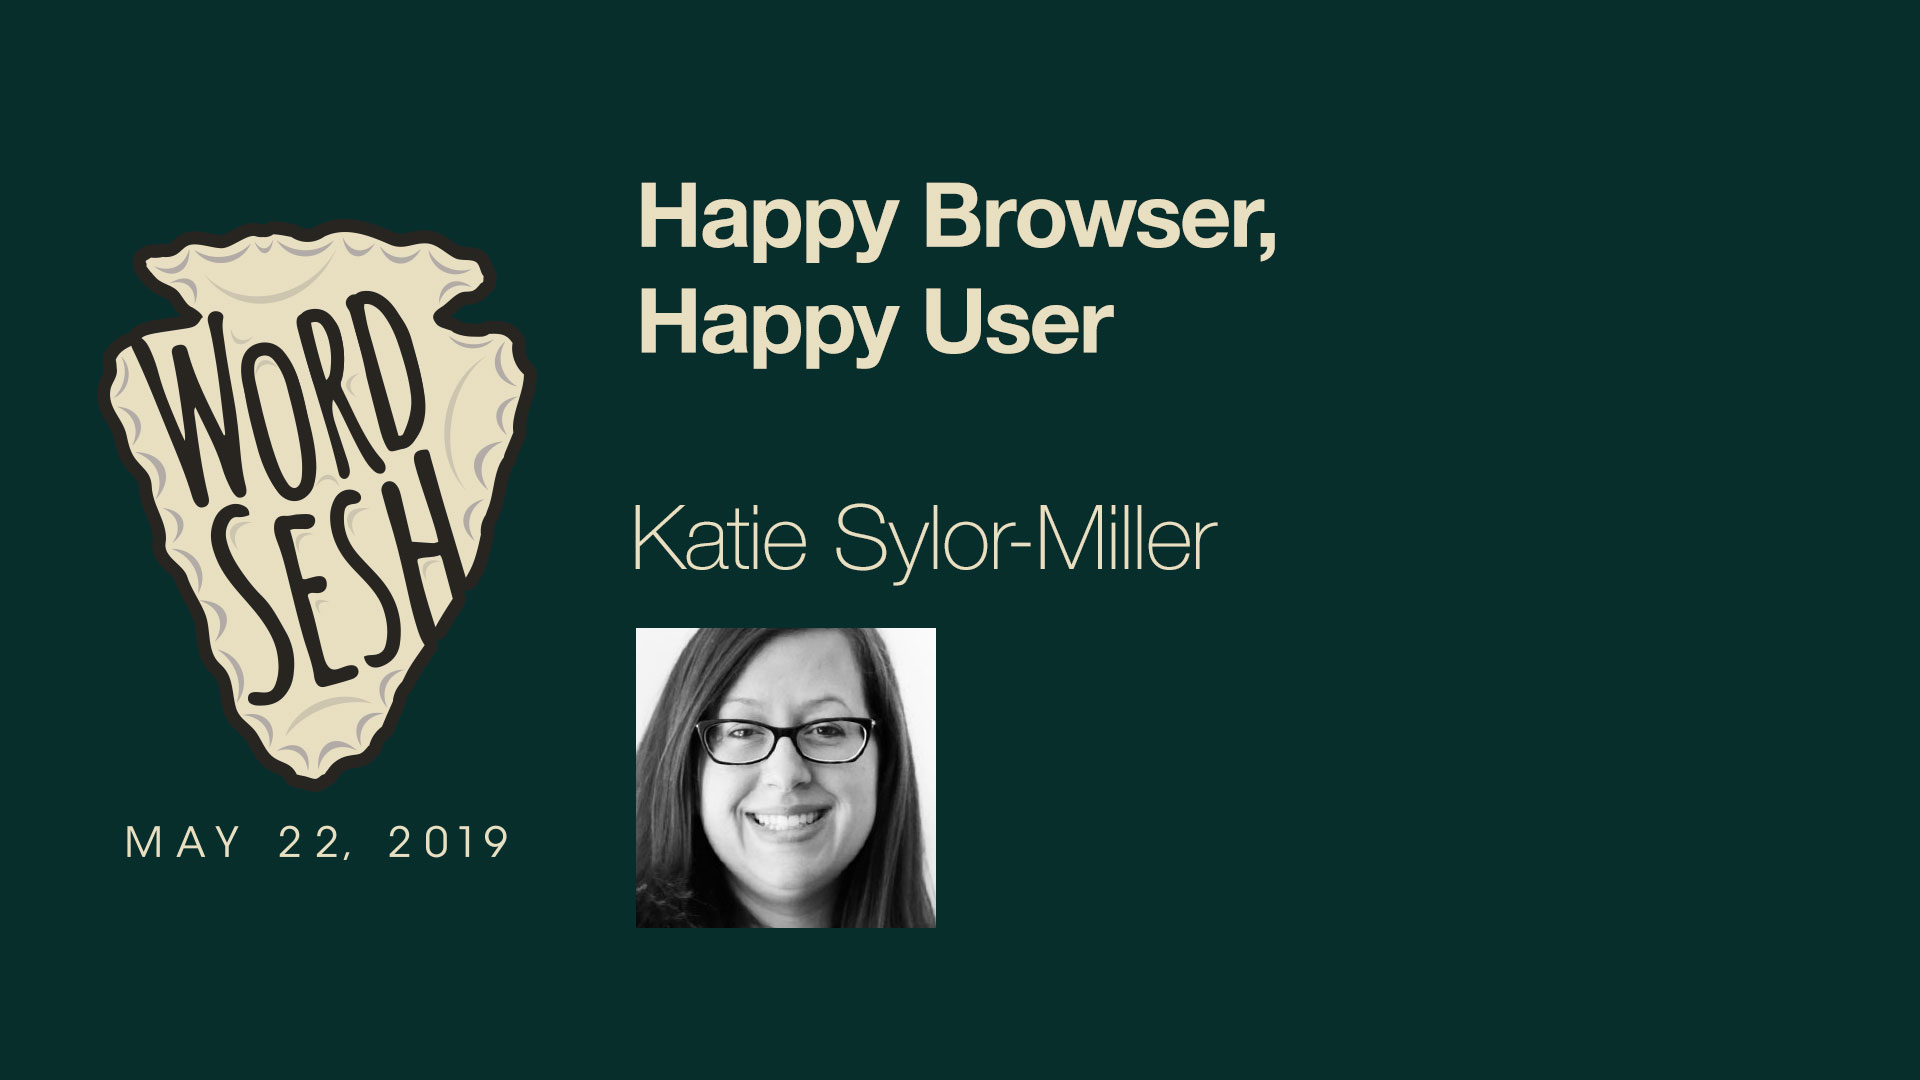 05-WordSesh-Happy-Browser-Happy-User-Katie-Sylor-Miller